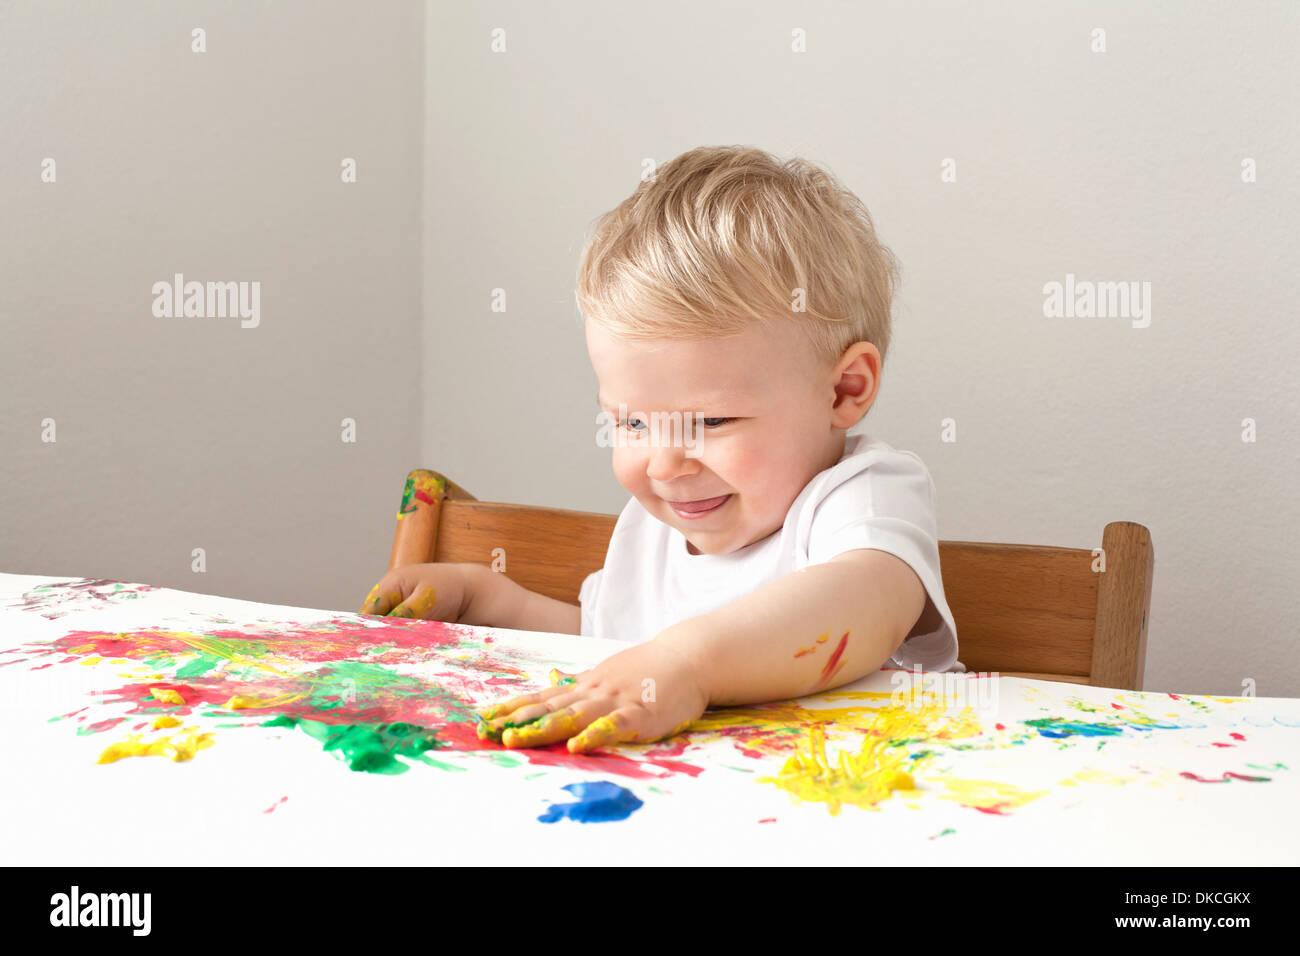 Chico jugando con pinturas de dedos Imagen De Stock